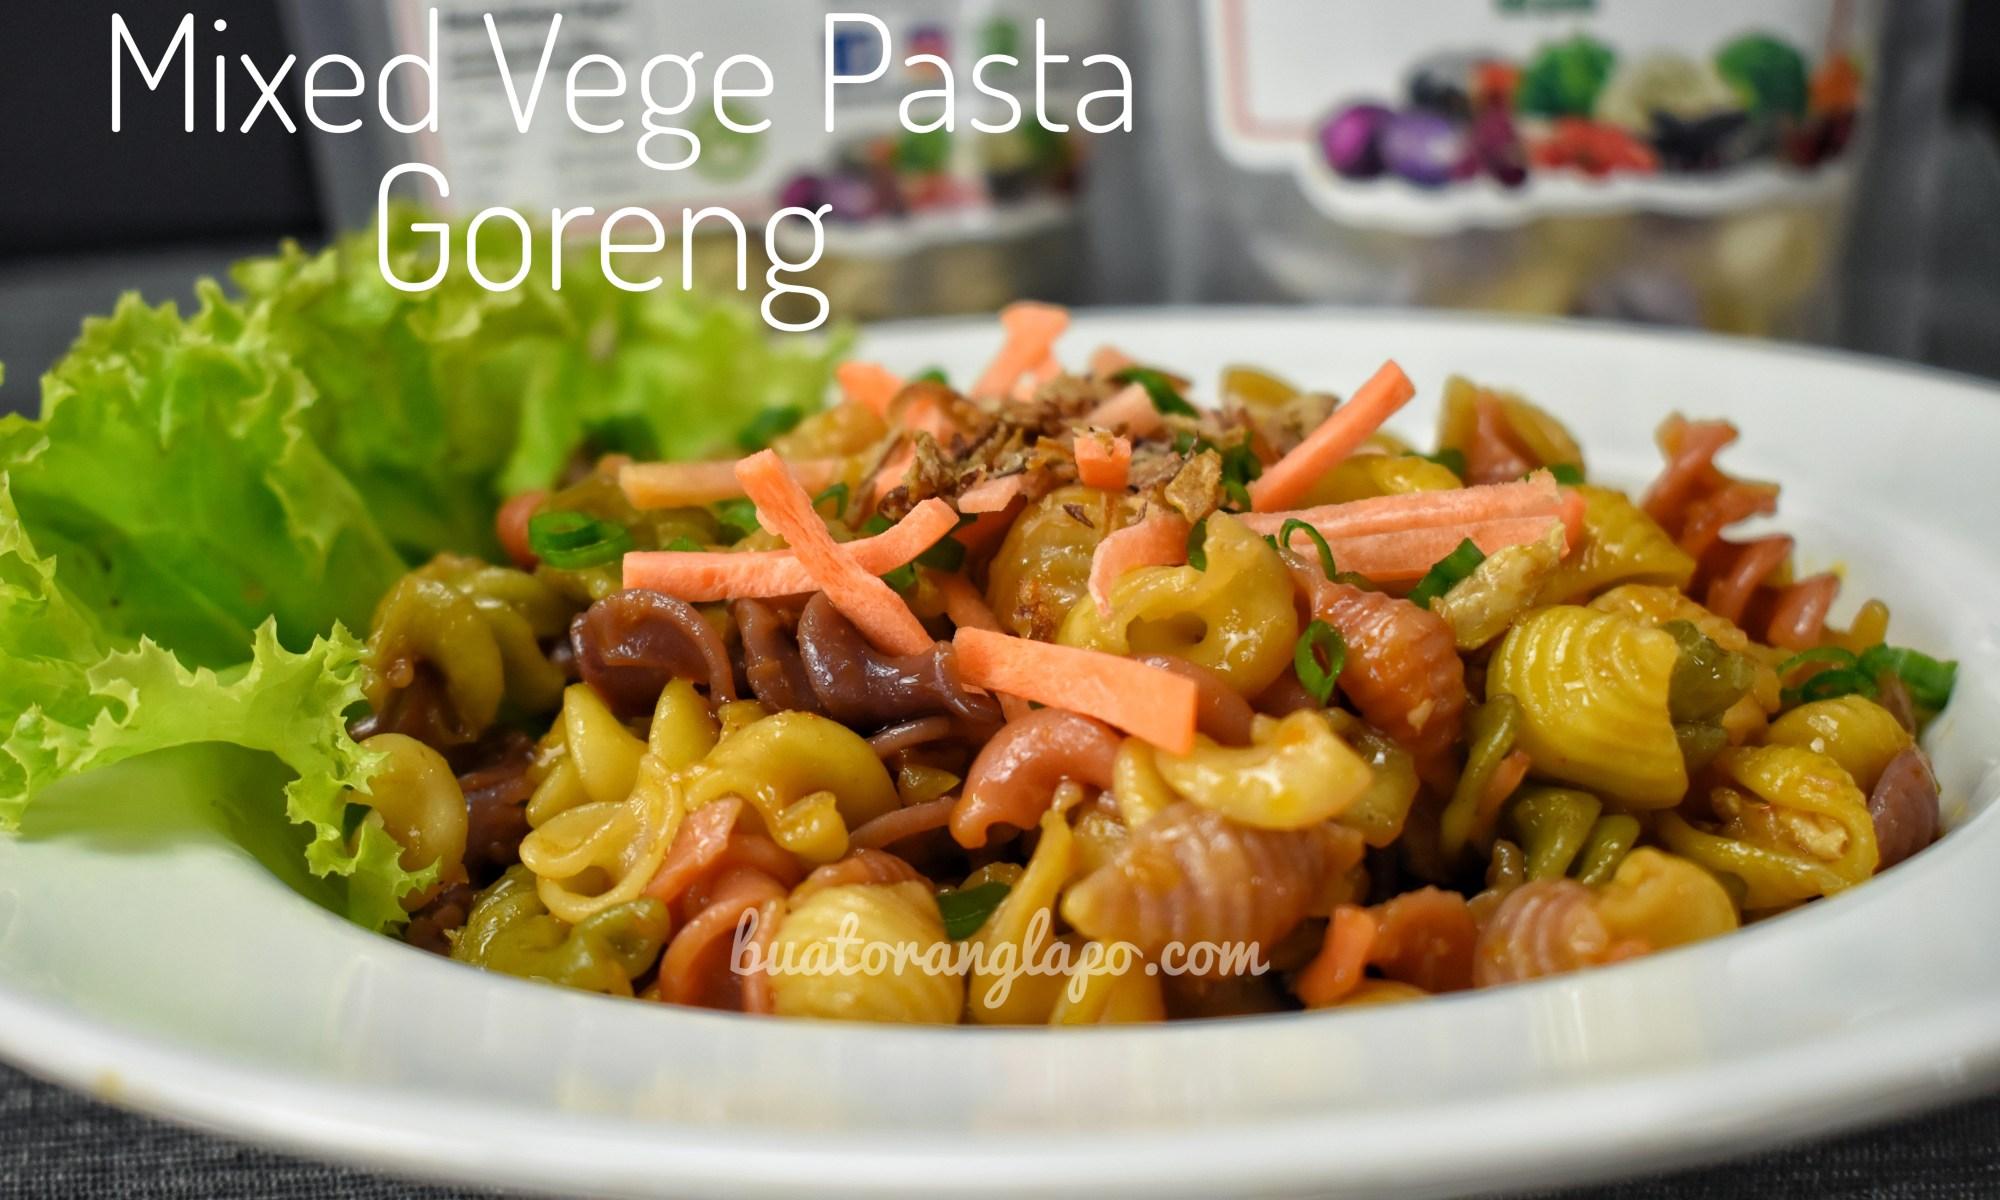 Mixed Vege Pasta Goreng